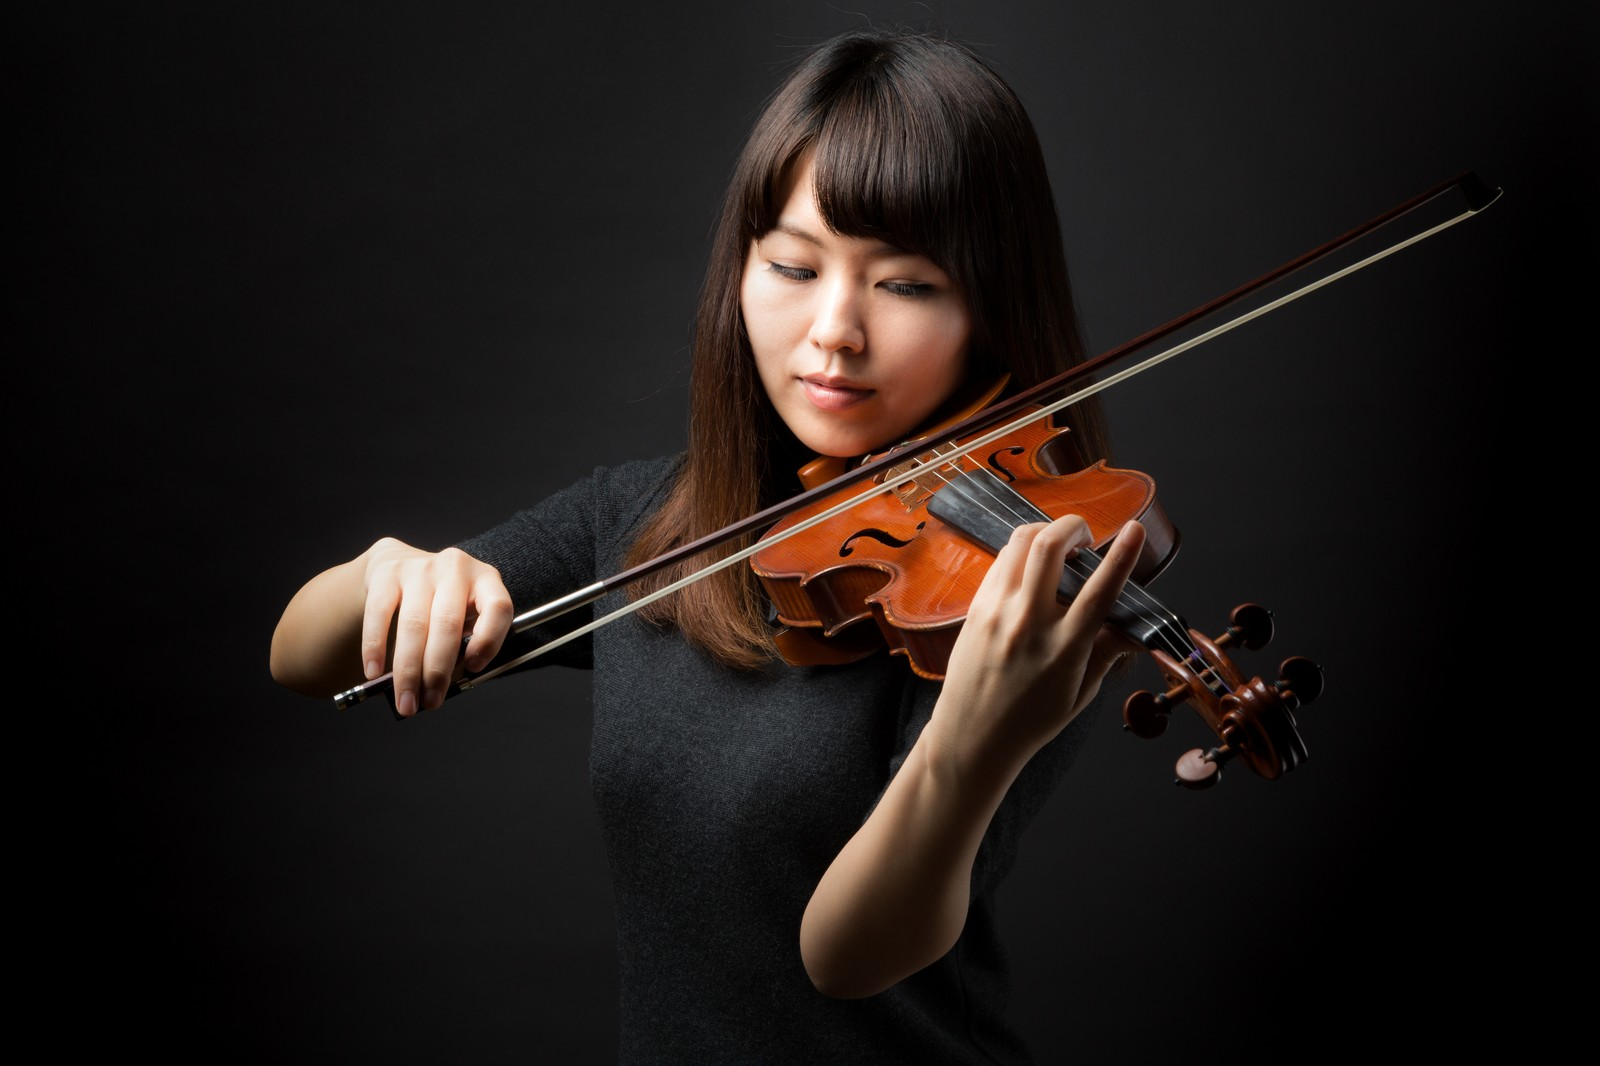 「ヴァイオリン演奏中の女性 | 写真の無料素材・フリー素材 - ぱくたそ」の写真[モデル:yukiko]